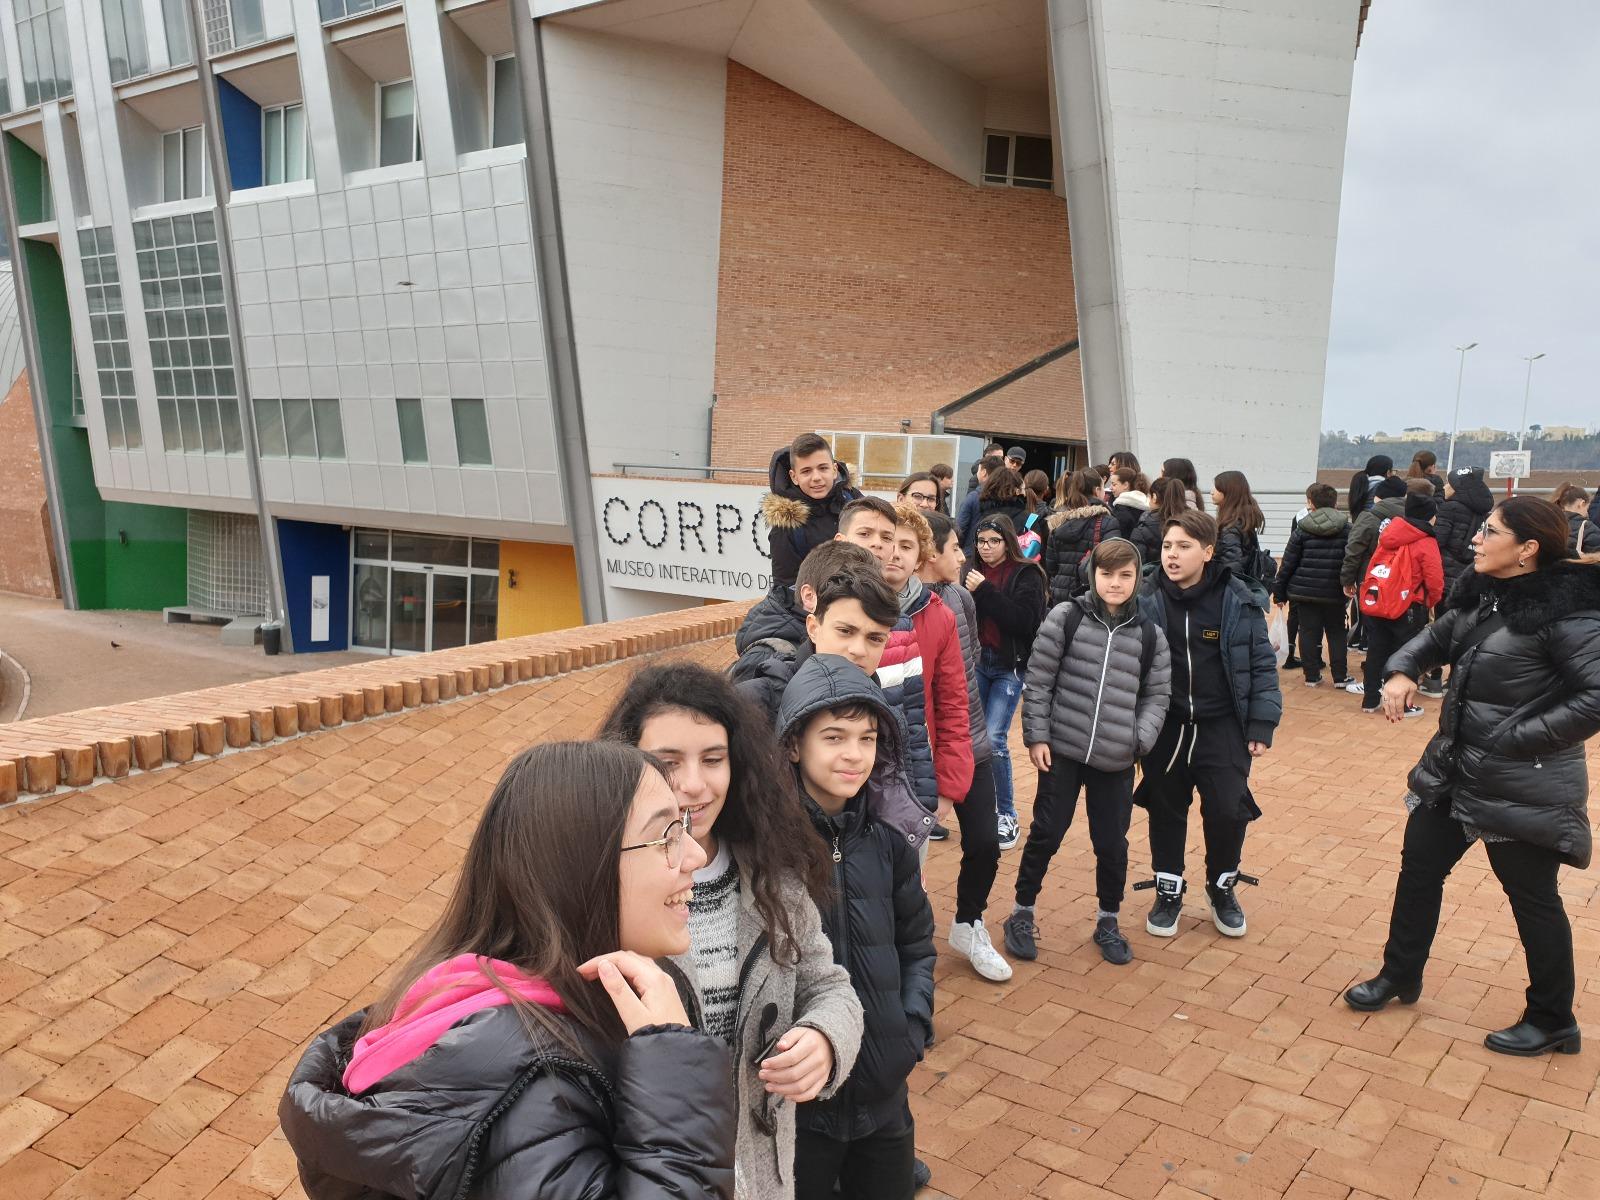 Visita alla mostra Corporea presso Città della Scienza